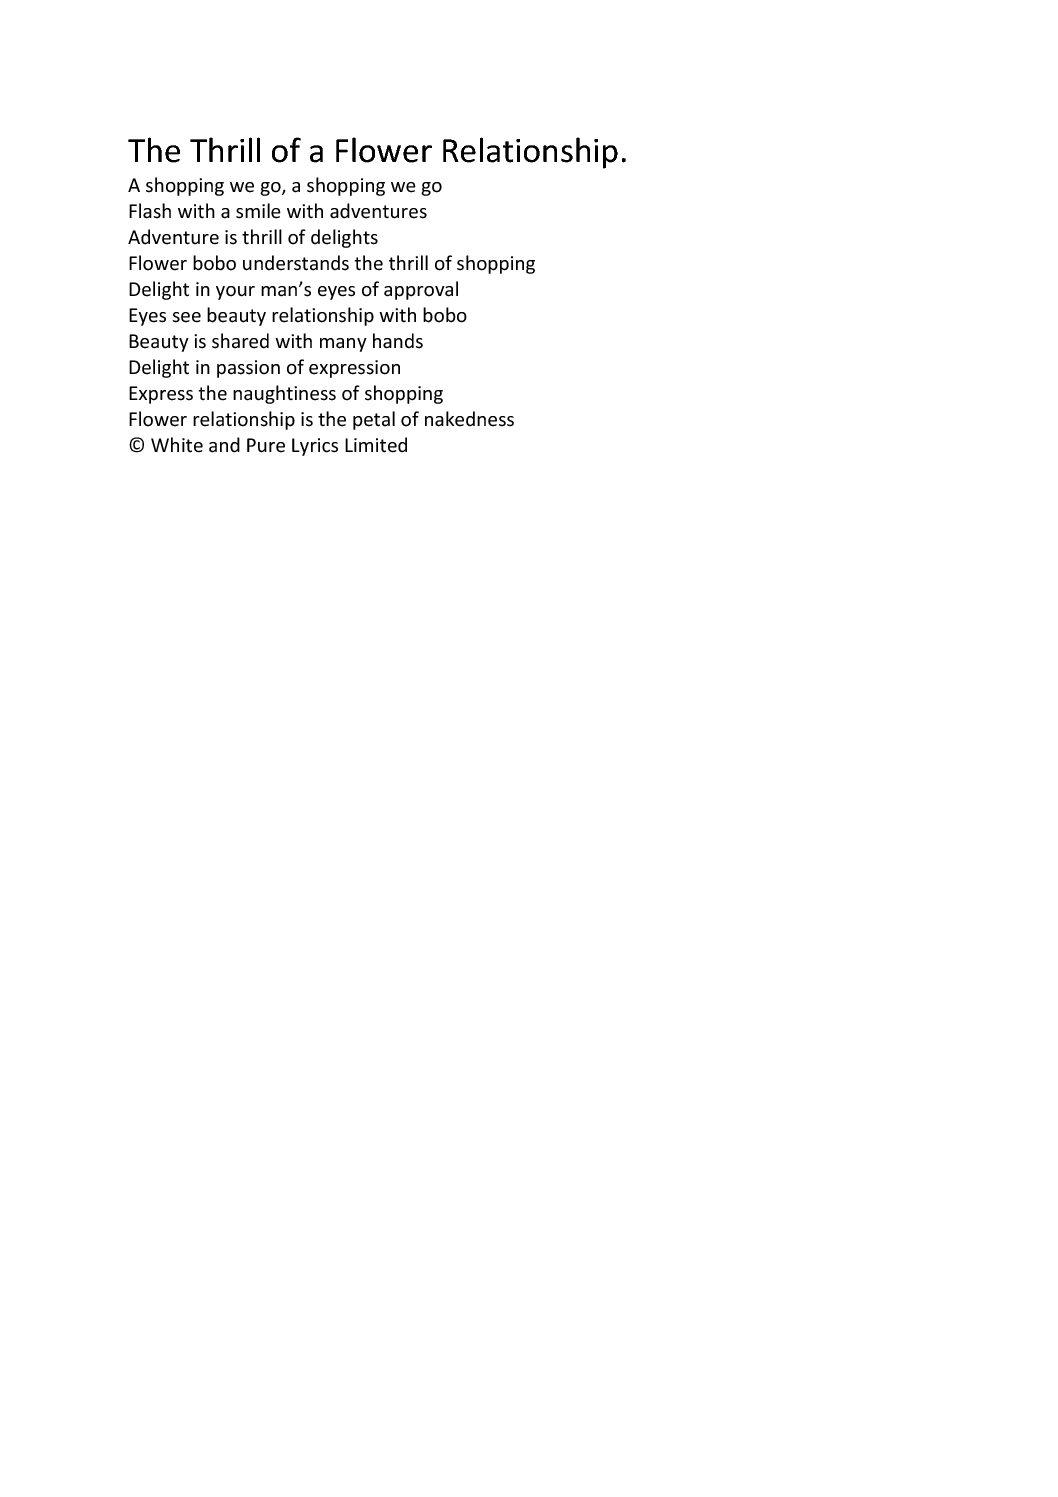 Song Lyrics White Pure Lyrics